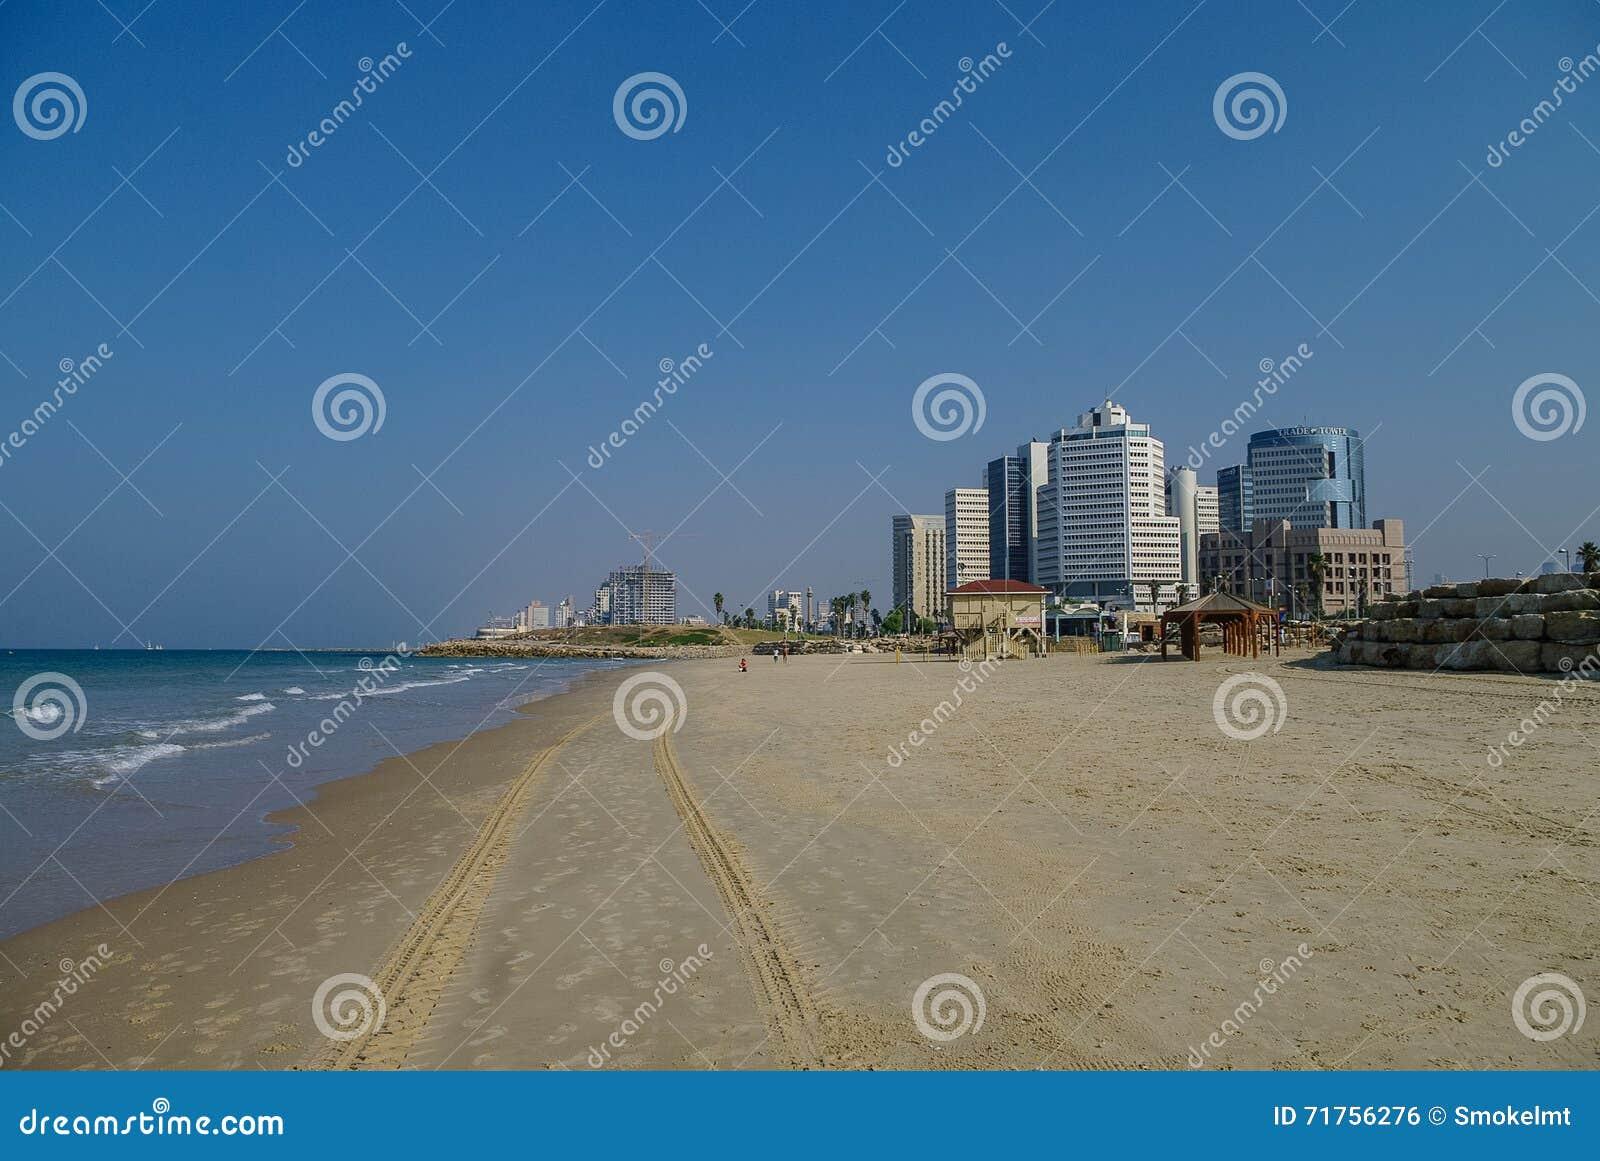 Εικονική παράσταση πόλης του Τελ Αβίβ και πανόραμα παραλιών από την πλευρά του παλαιού por Jaffa